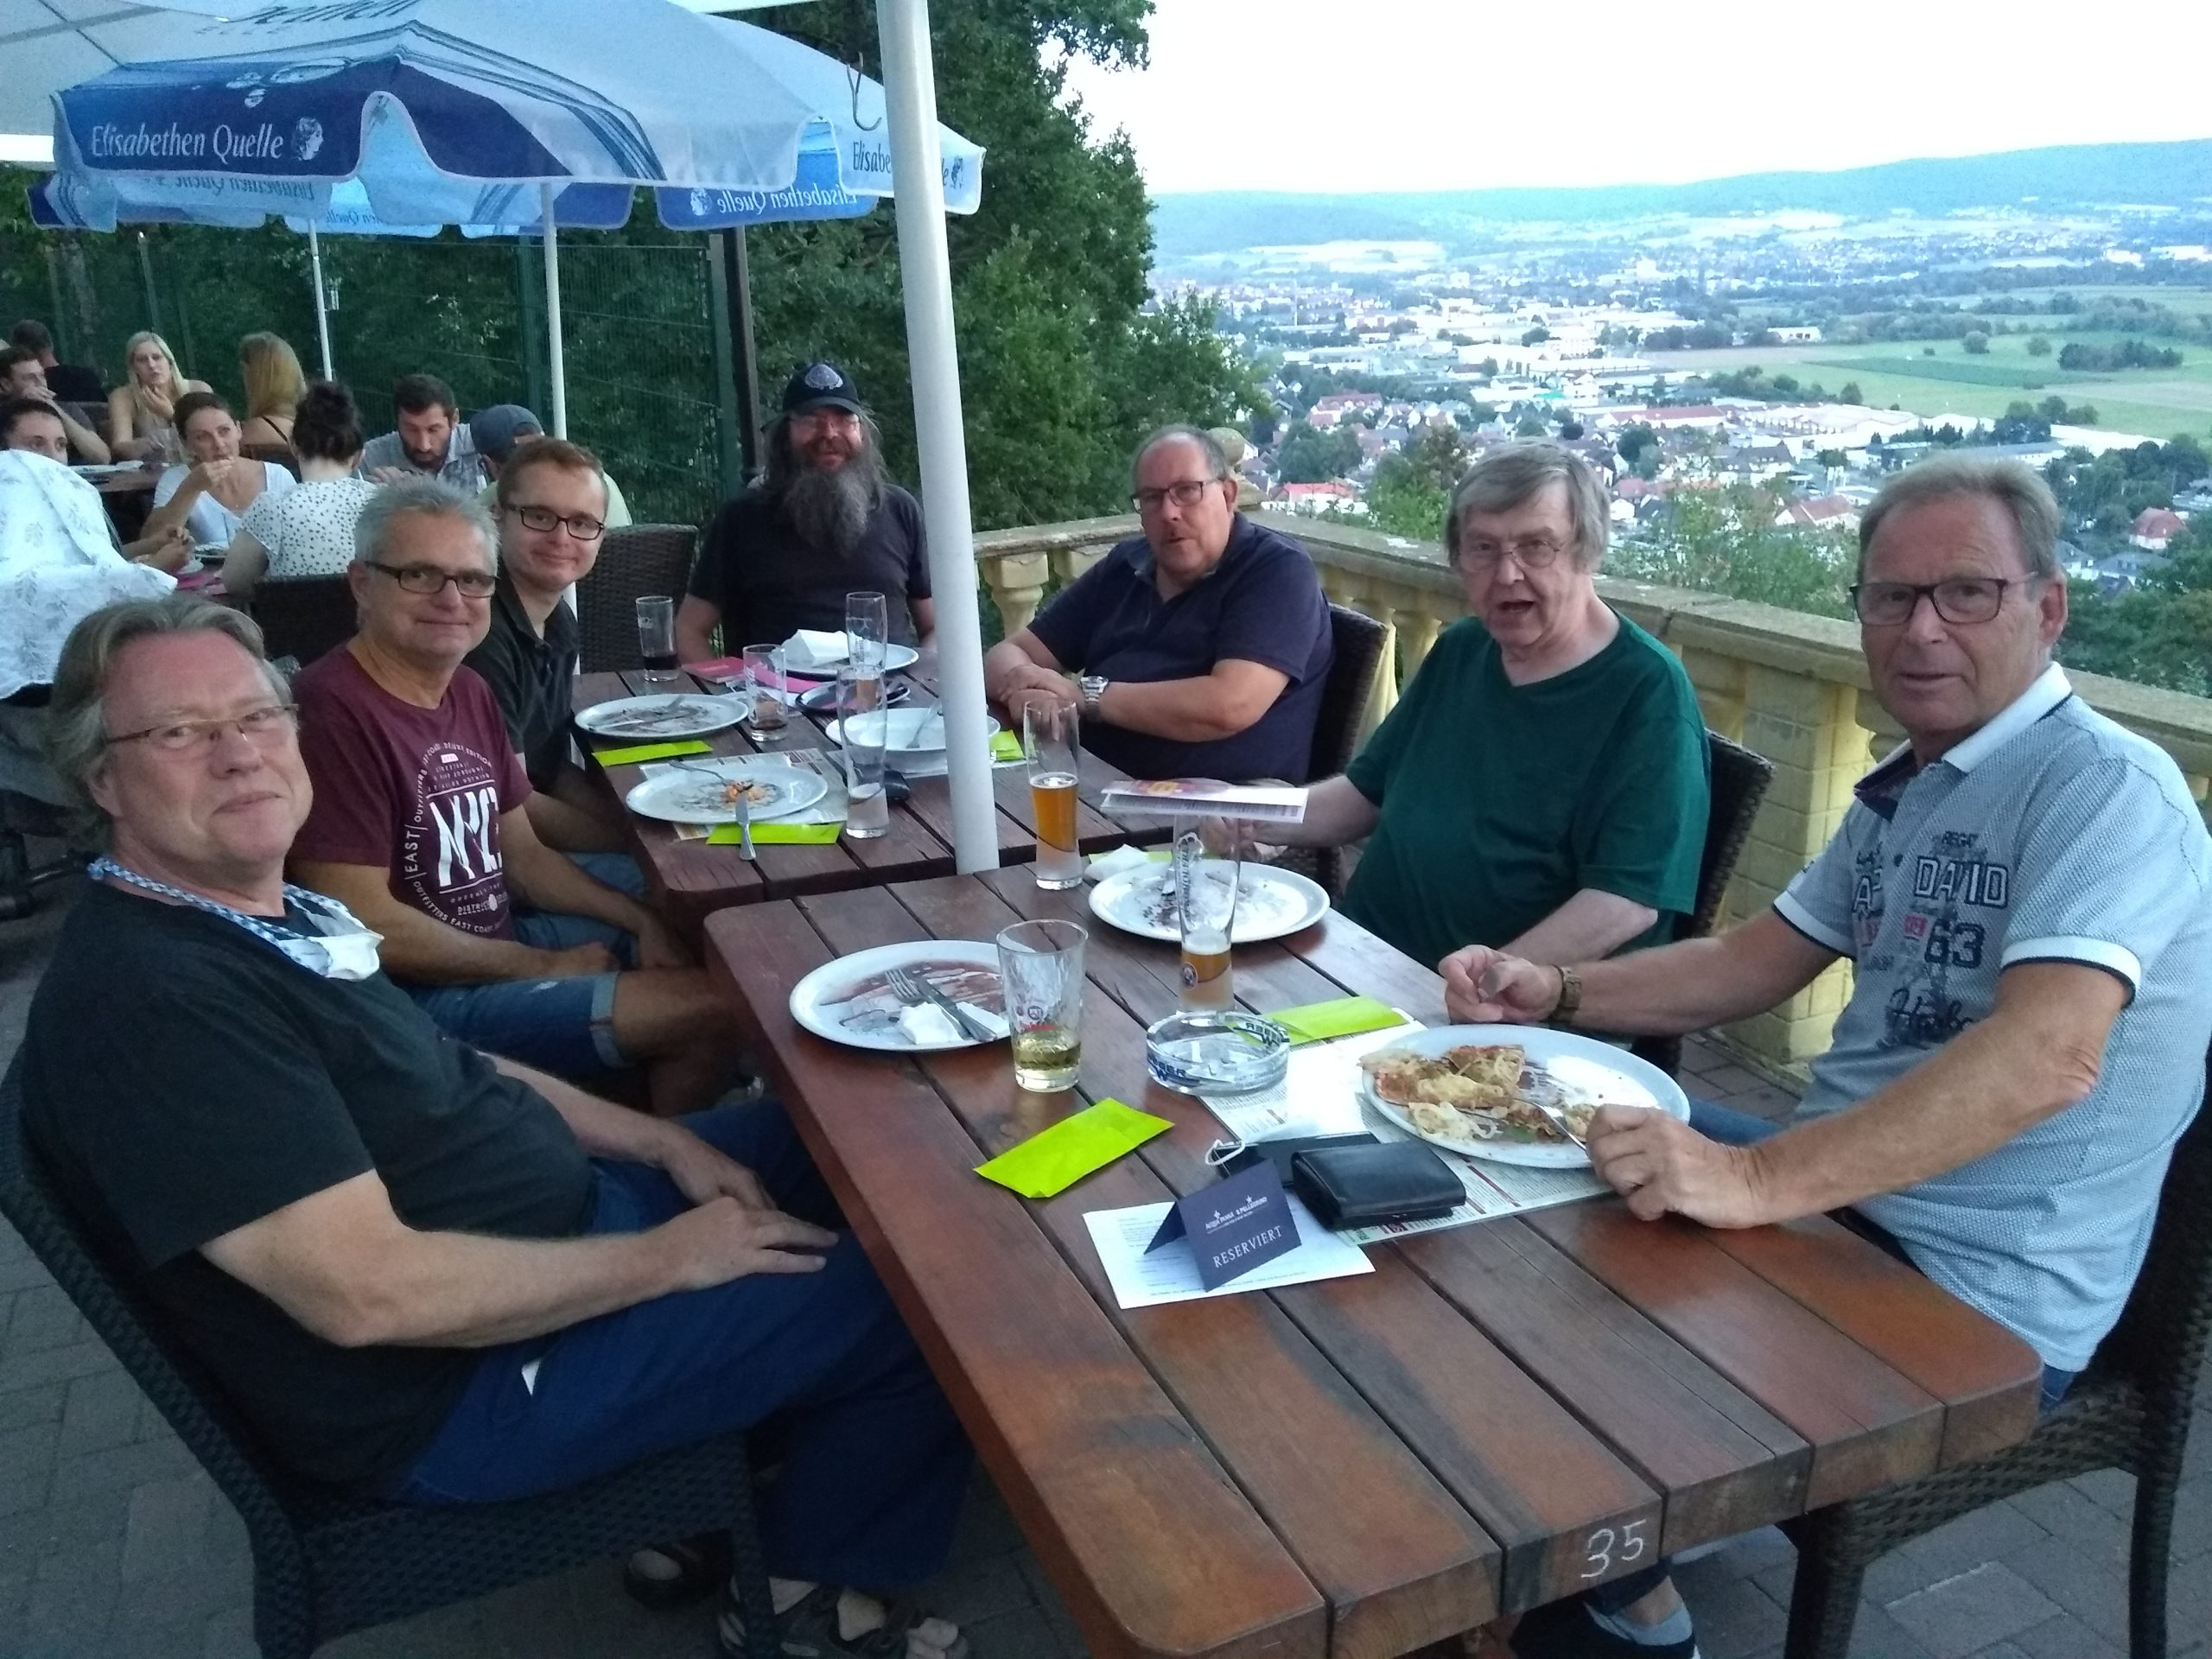 7 Radiodoktoren vor toller Aussicht beim Live Treffen trotz Corona